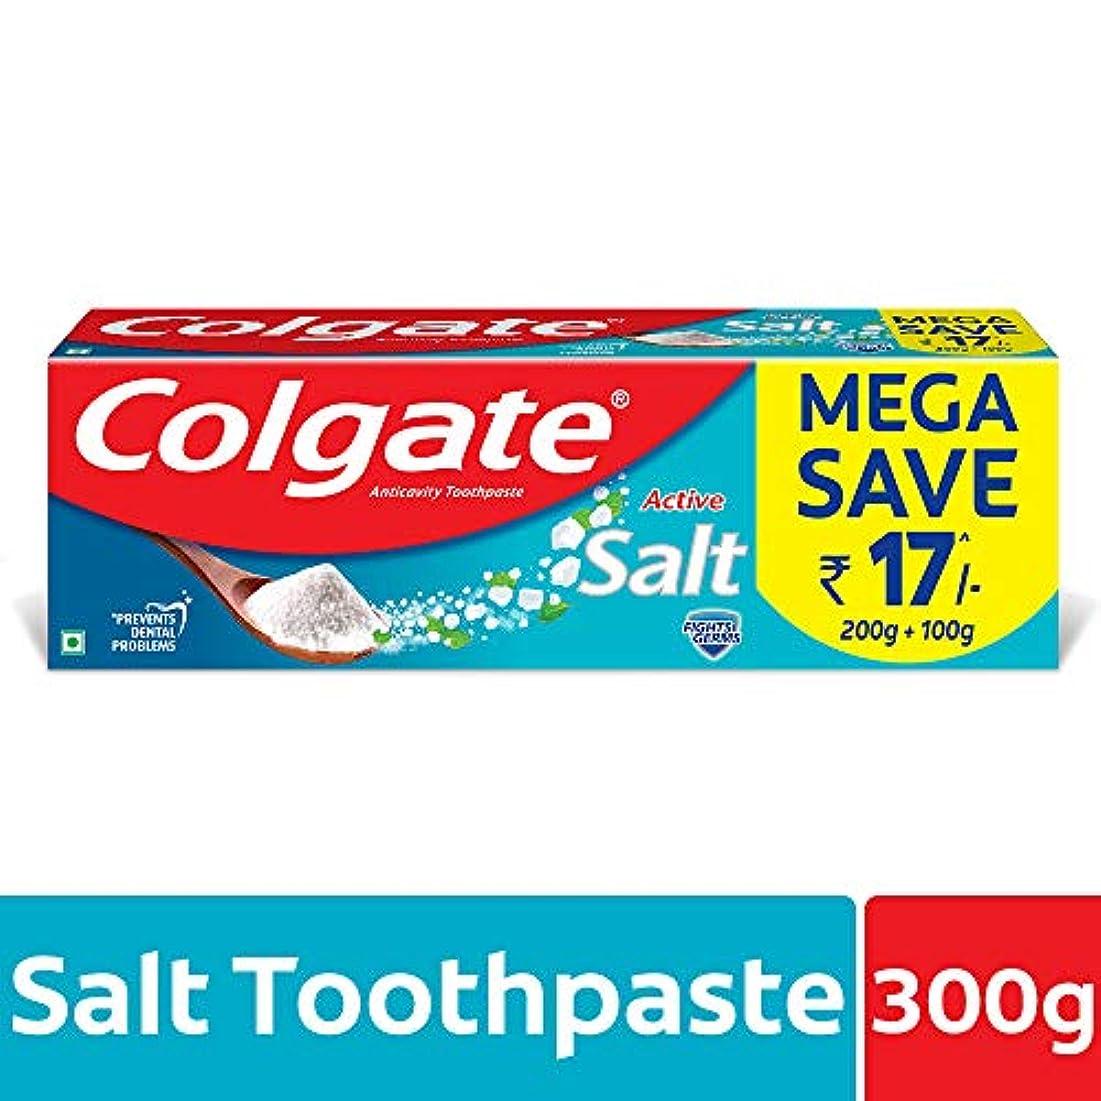 種困惑したアッティカスColgate Active Salt Toothpaste, 300gm(200gm + 100gm)